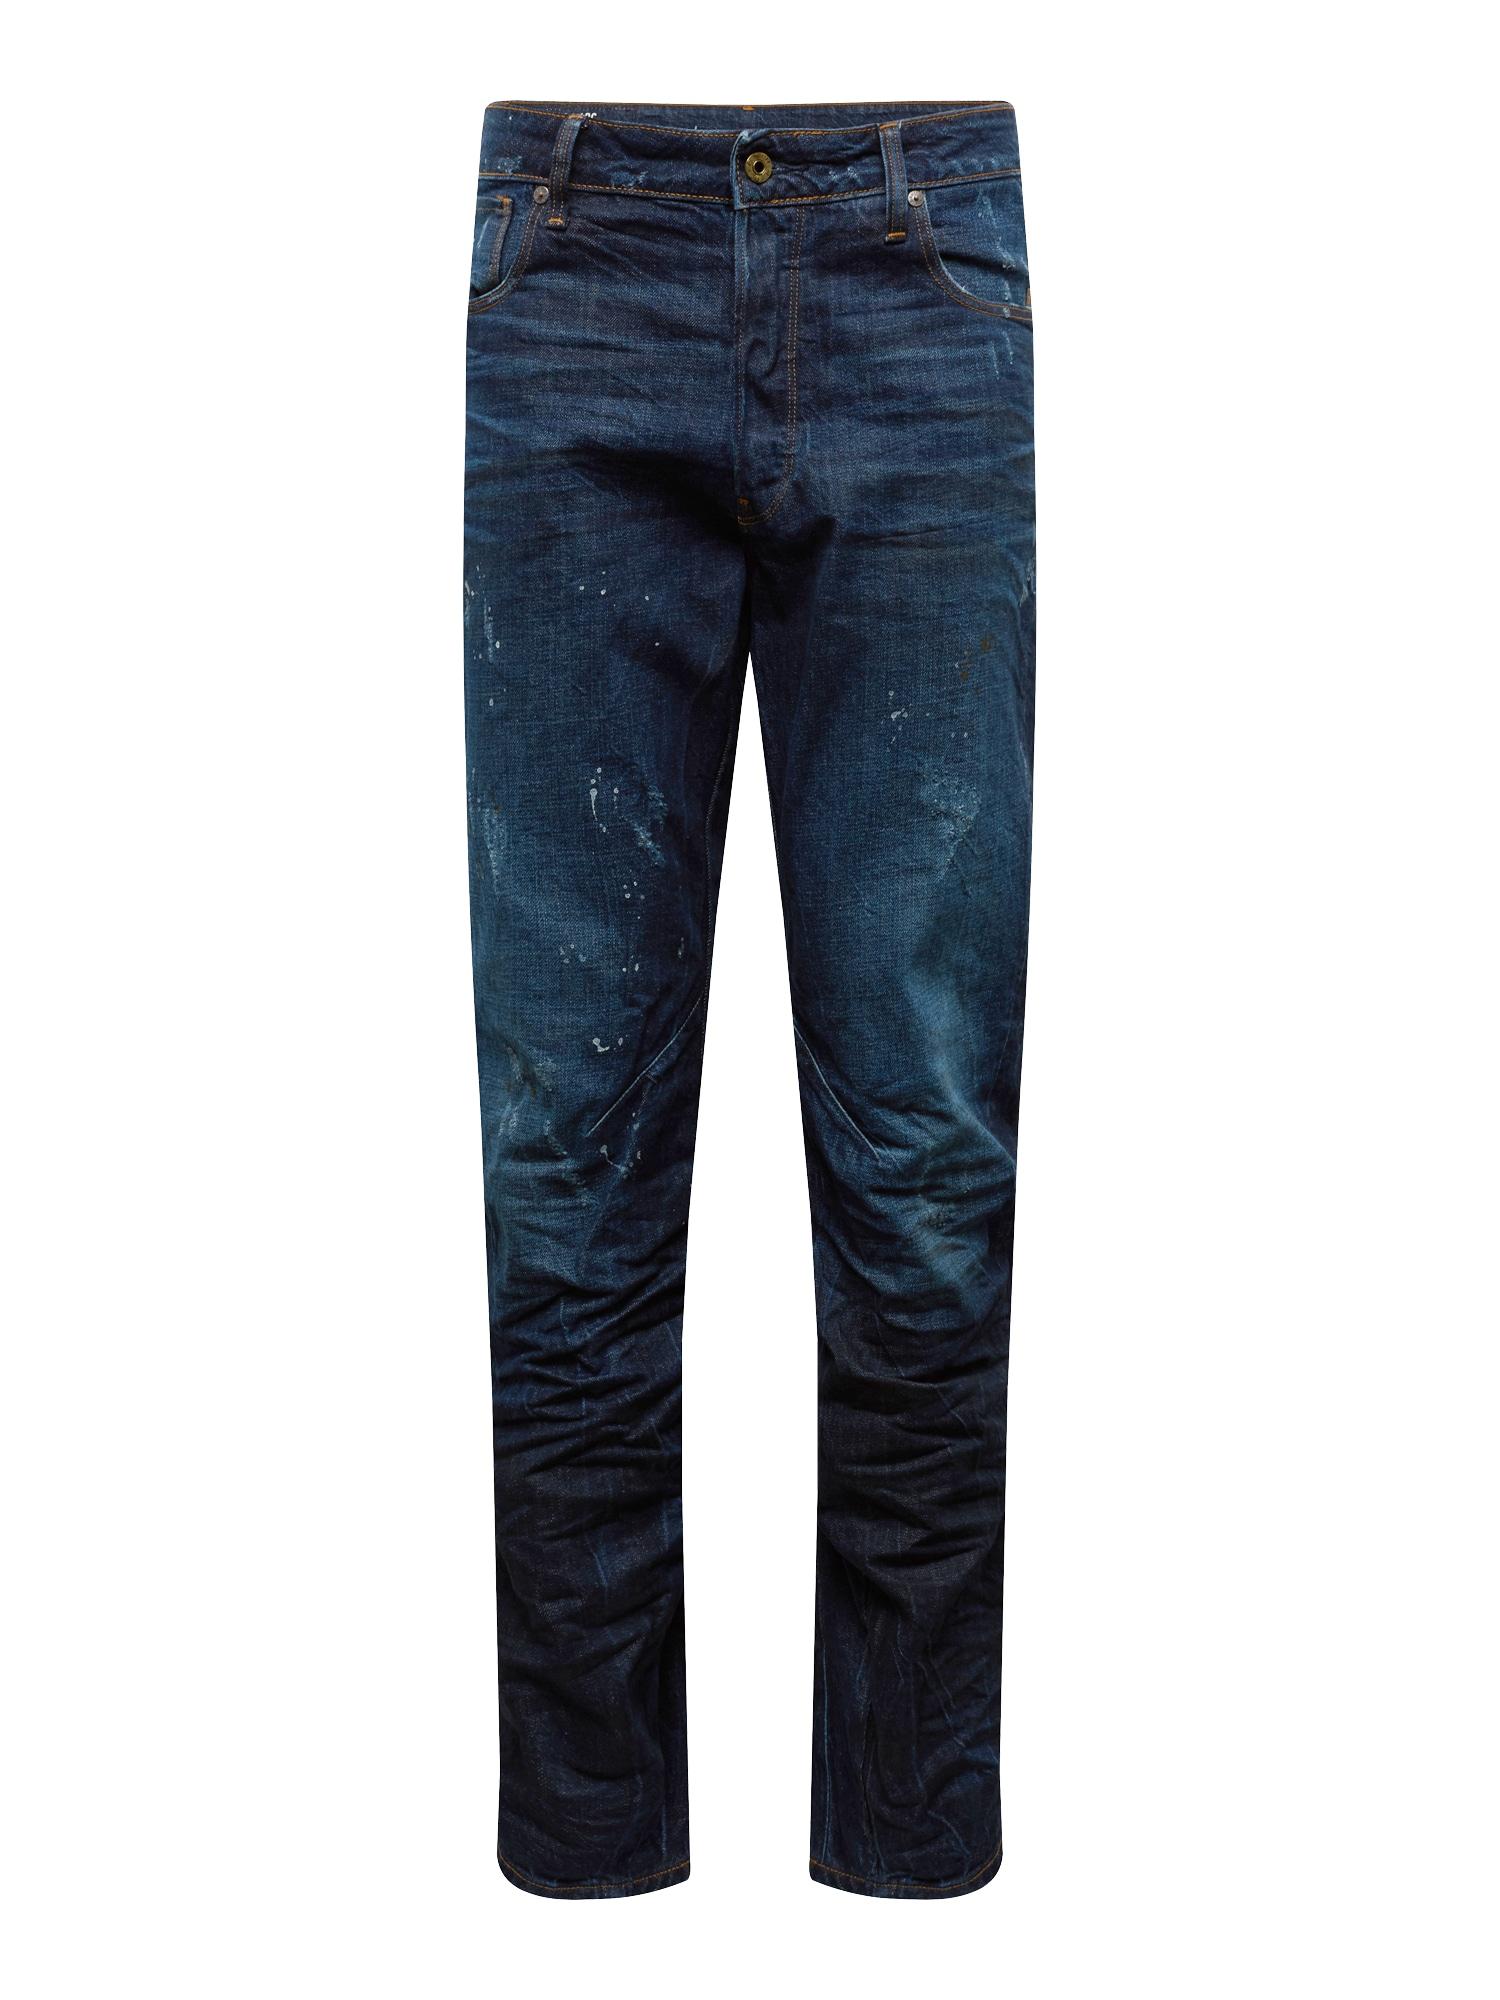 Džíny Arc 3d tmavě modrá G-STAR RAW